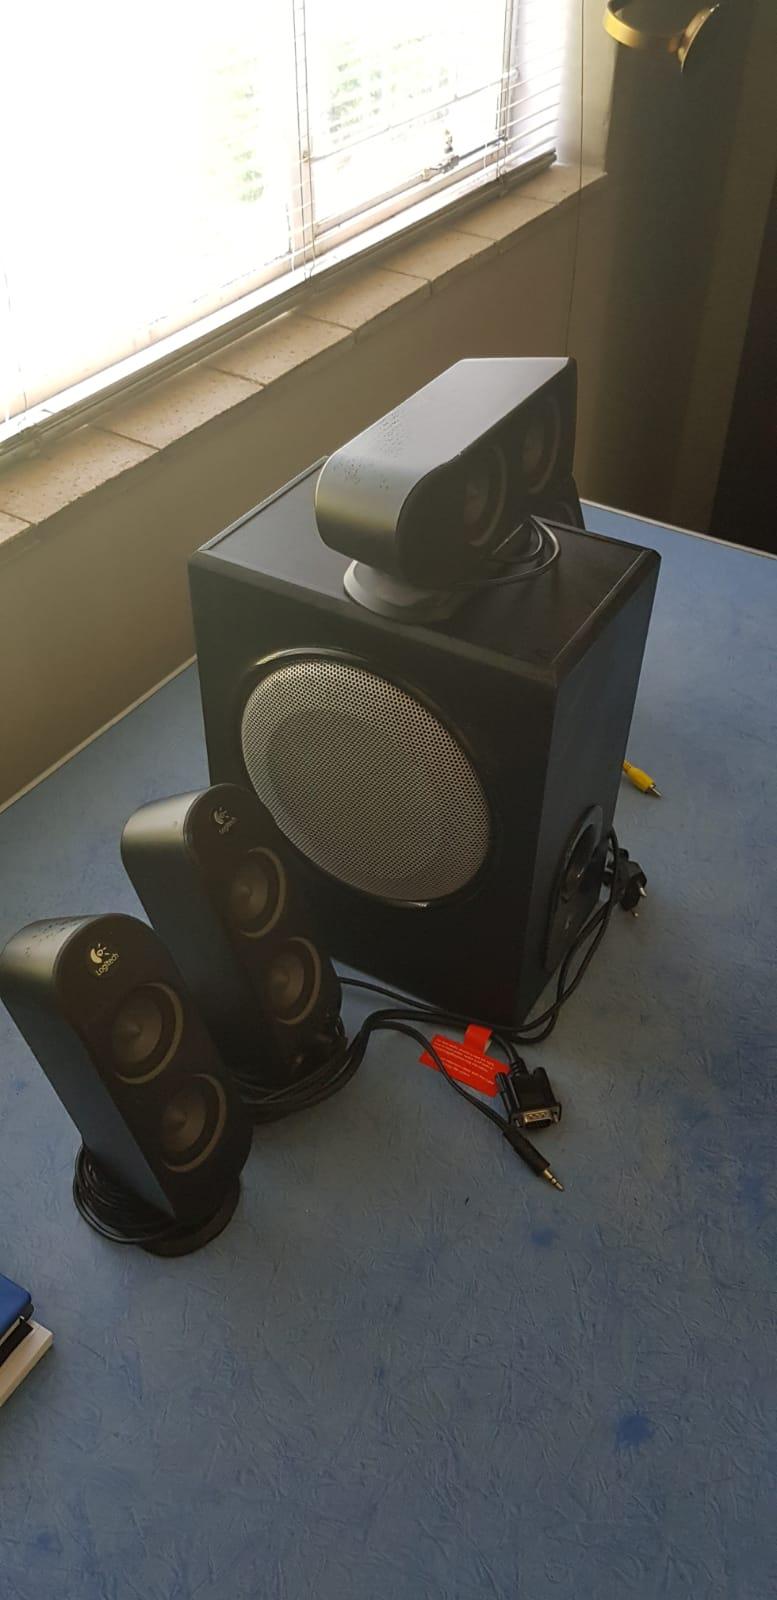 Logitech X530